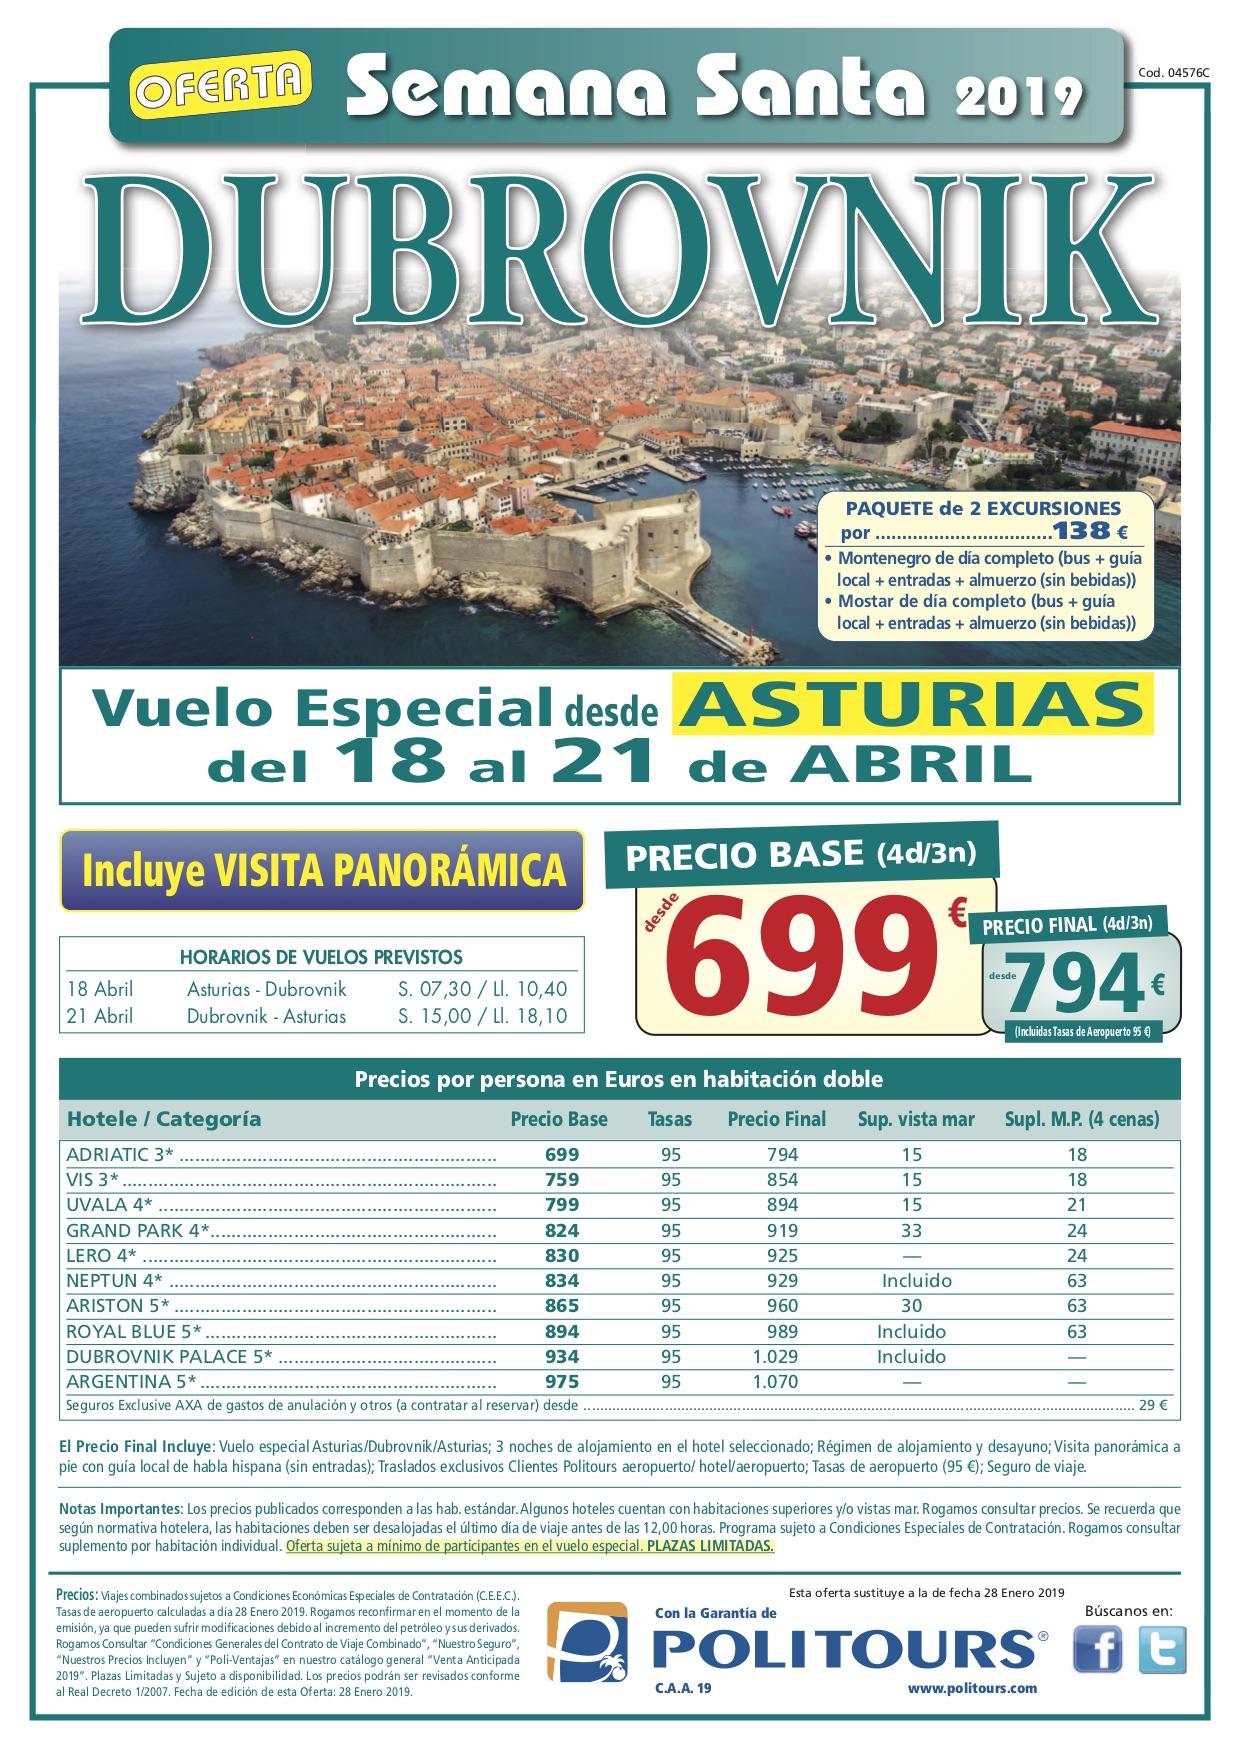 Viaje a Dubrovnik